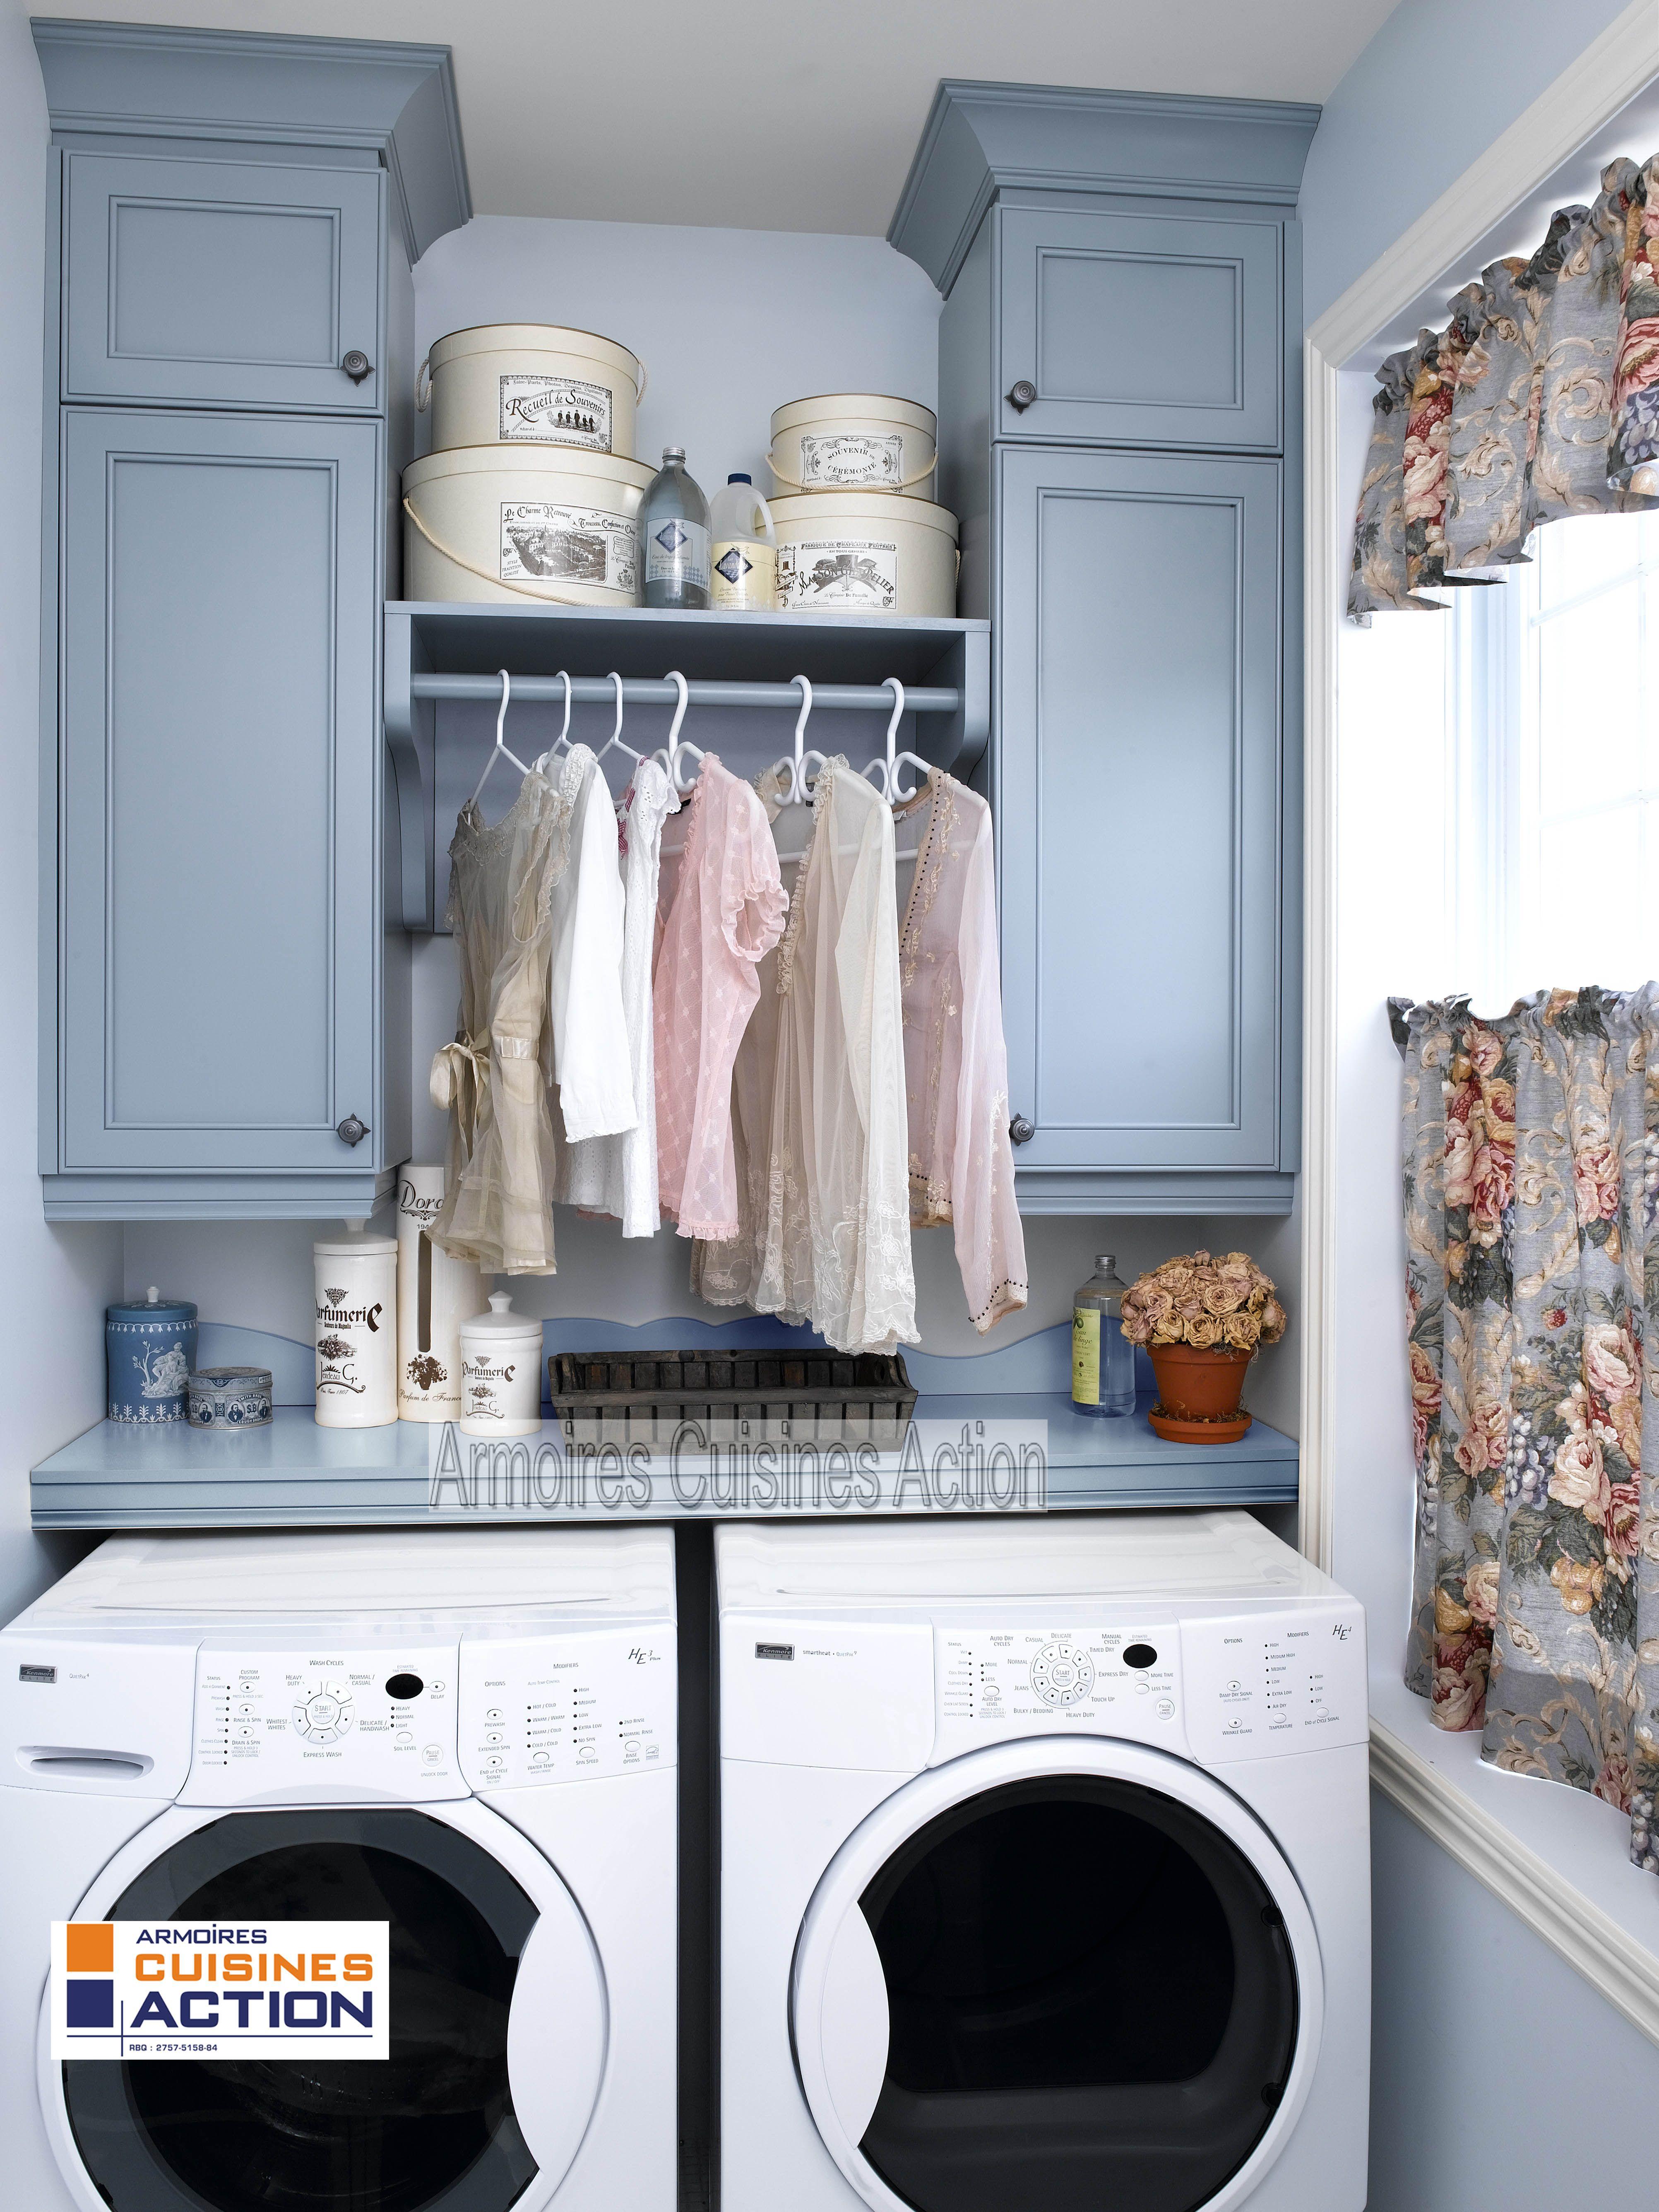 pratique des armoires pour tout ranger la p le pour faire s cher les v tements d licats. Black Bedroom Furniture Sets. Home Design Ideas